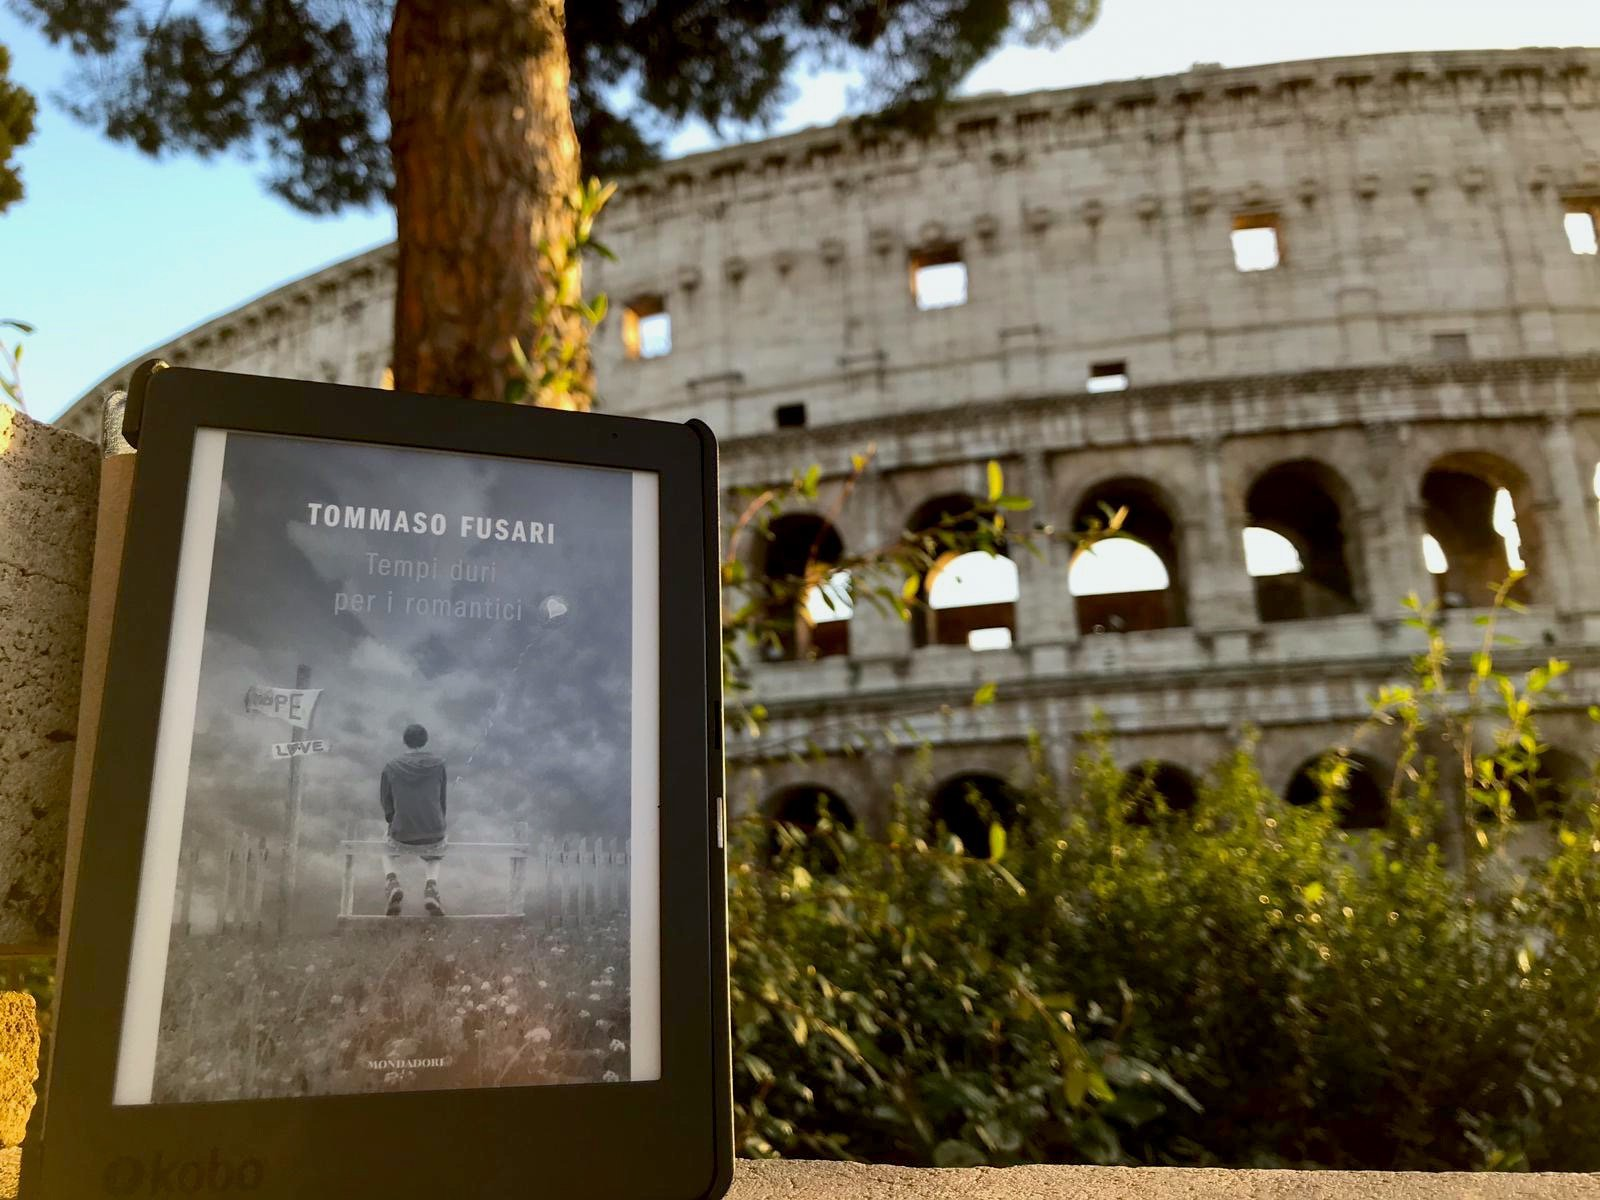 «Tempi duri per i romantici» un libro di Tommaso Fusari.